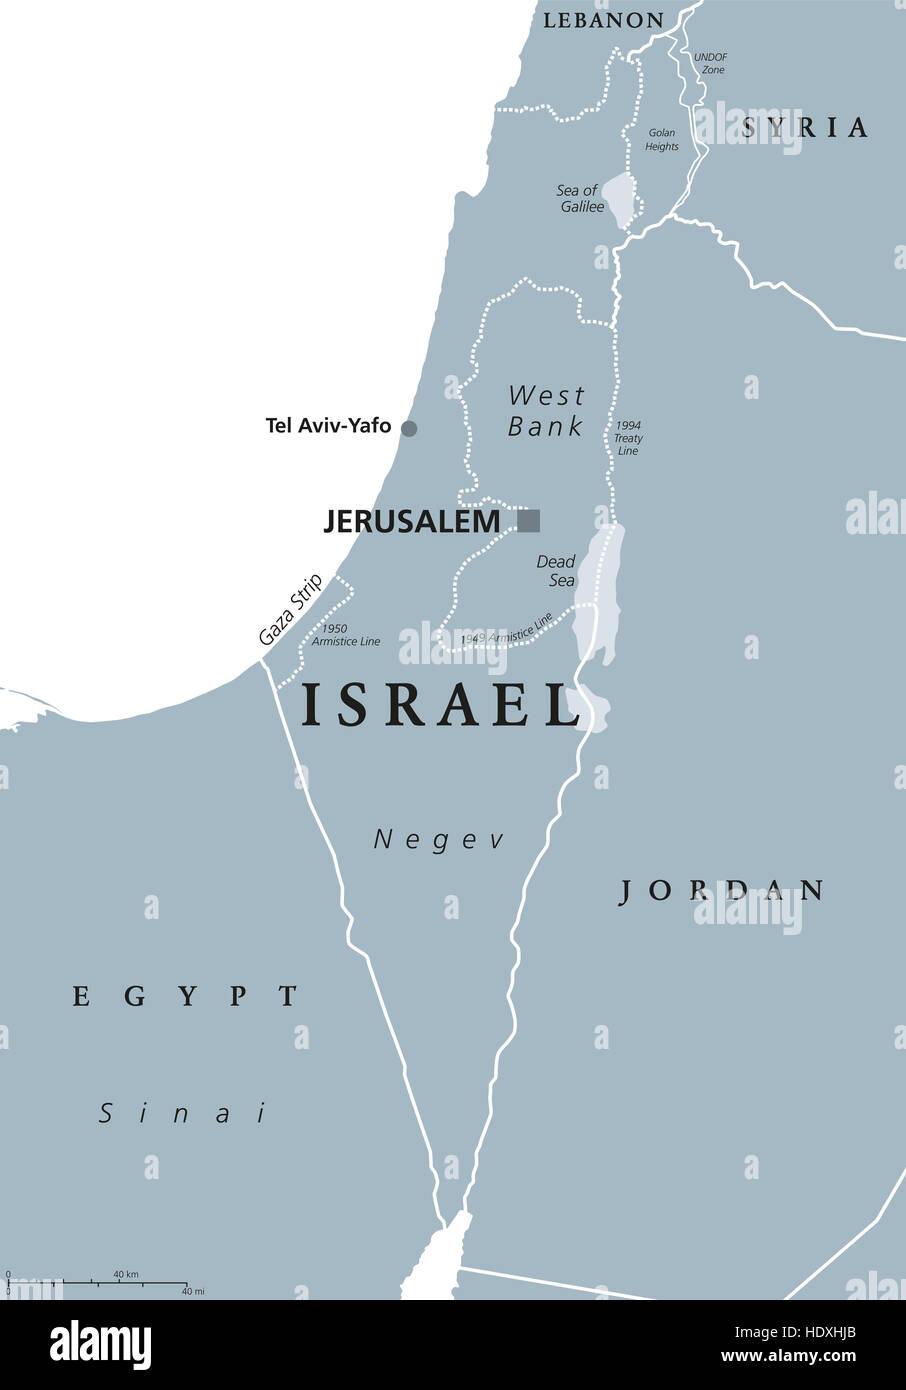 Israele Palestina Cartina.Israele Mappa Politico Con Capitale Gerusalemme E Vicini Di Casa Stato Di Israele Paese In Medio Oriente Con I Territori Palestinesi Foto Stock Alamy